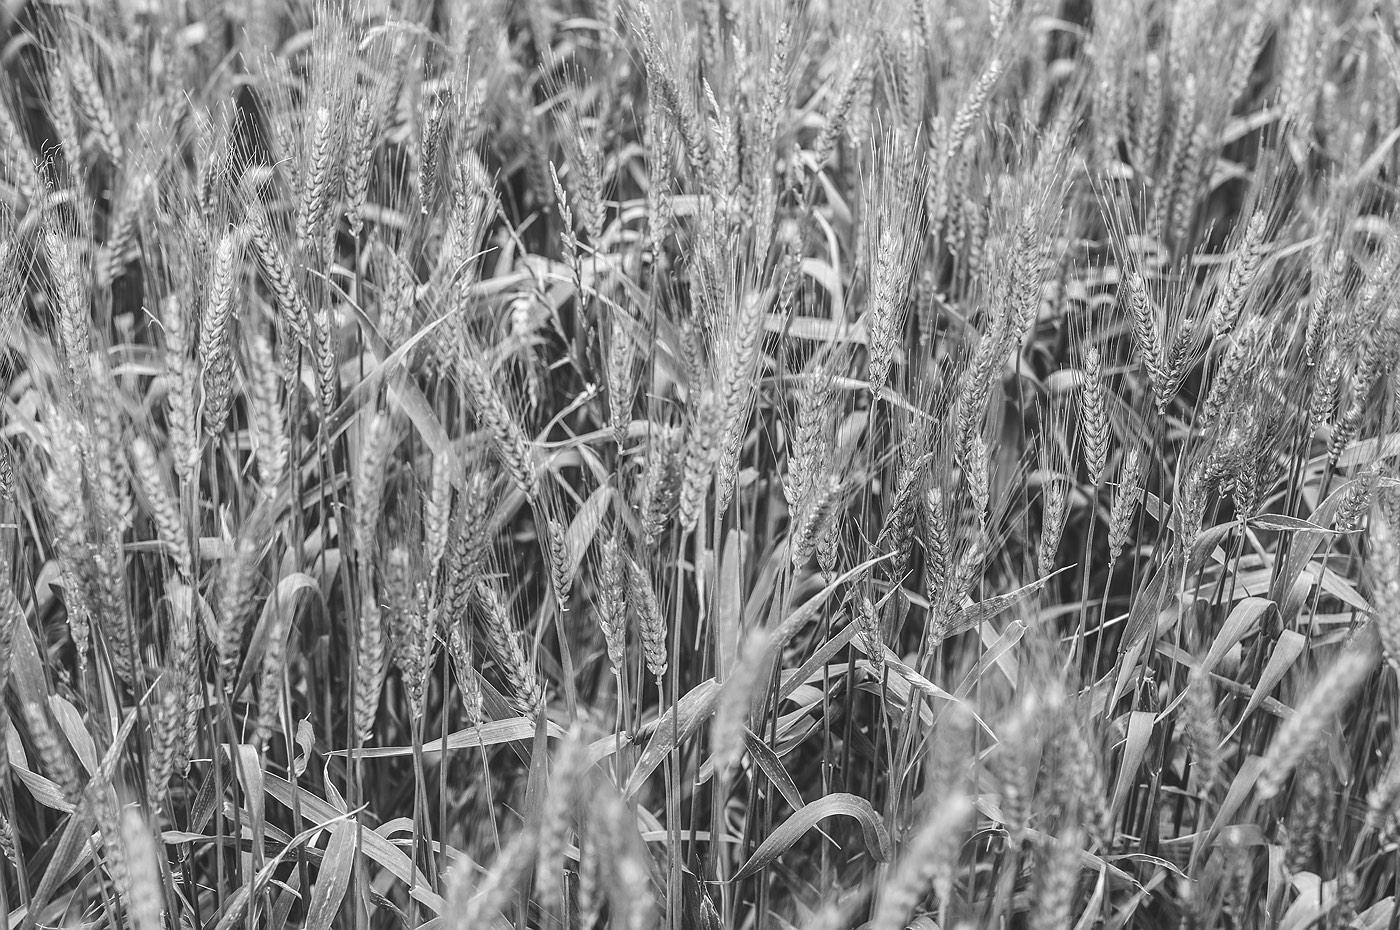 08_wyalkatchem_farming_western_australia_rob-dose